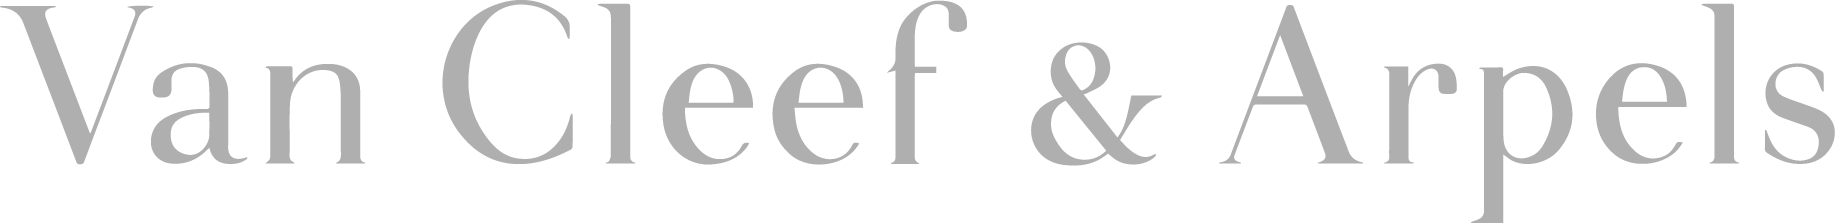 van cleef  arpels-logo.png